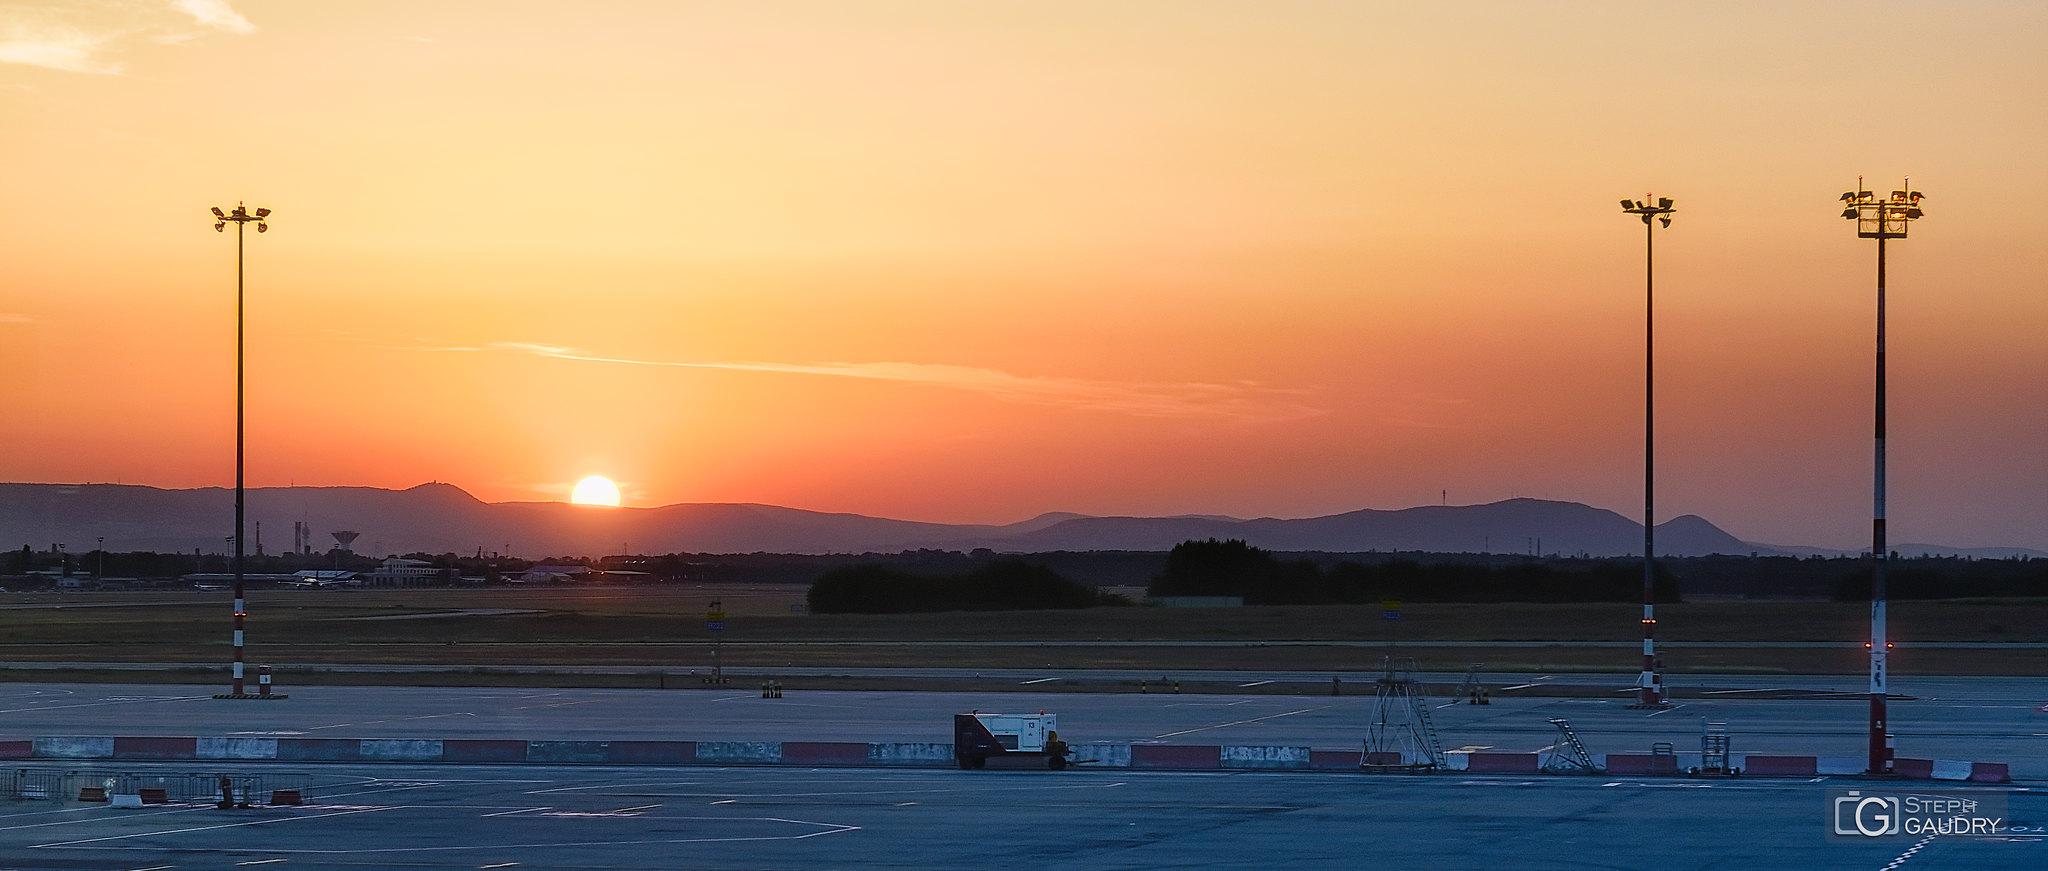 LHBP - Budapest Ferenc Liszt International Airport [Cliquez pour lancer le diaporama]